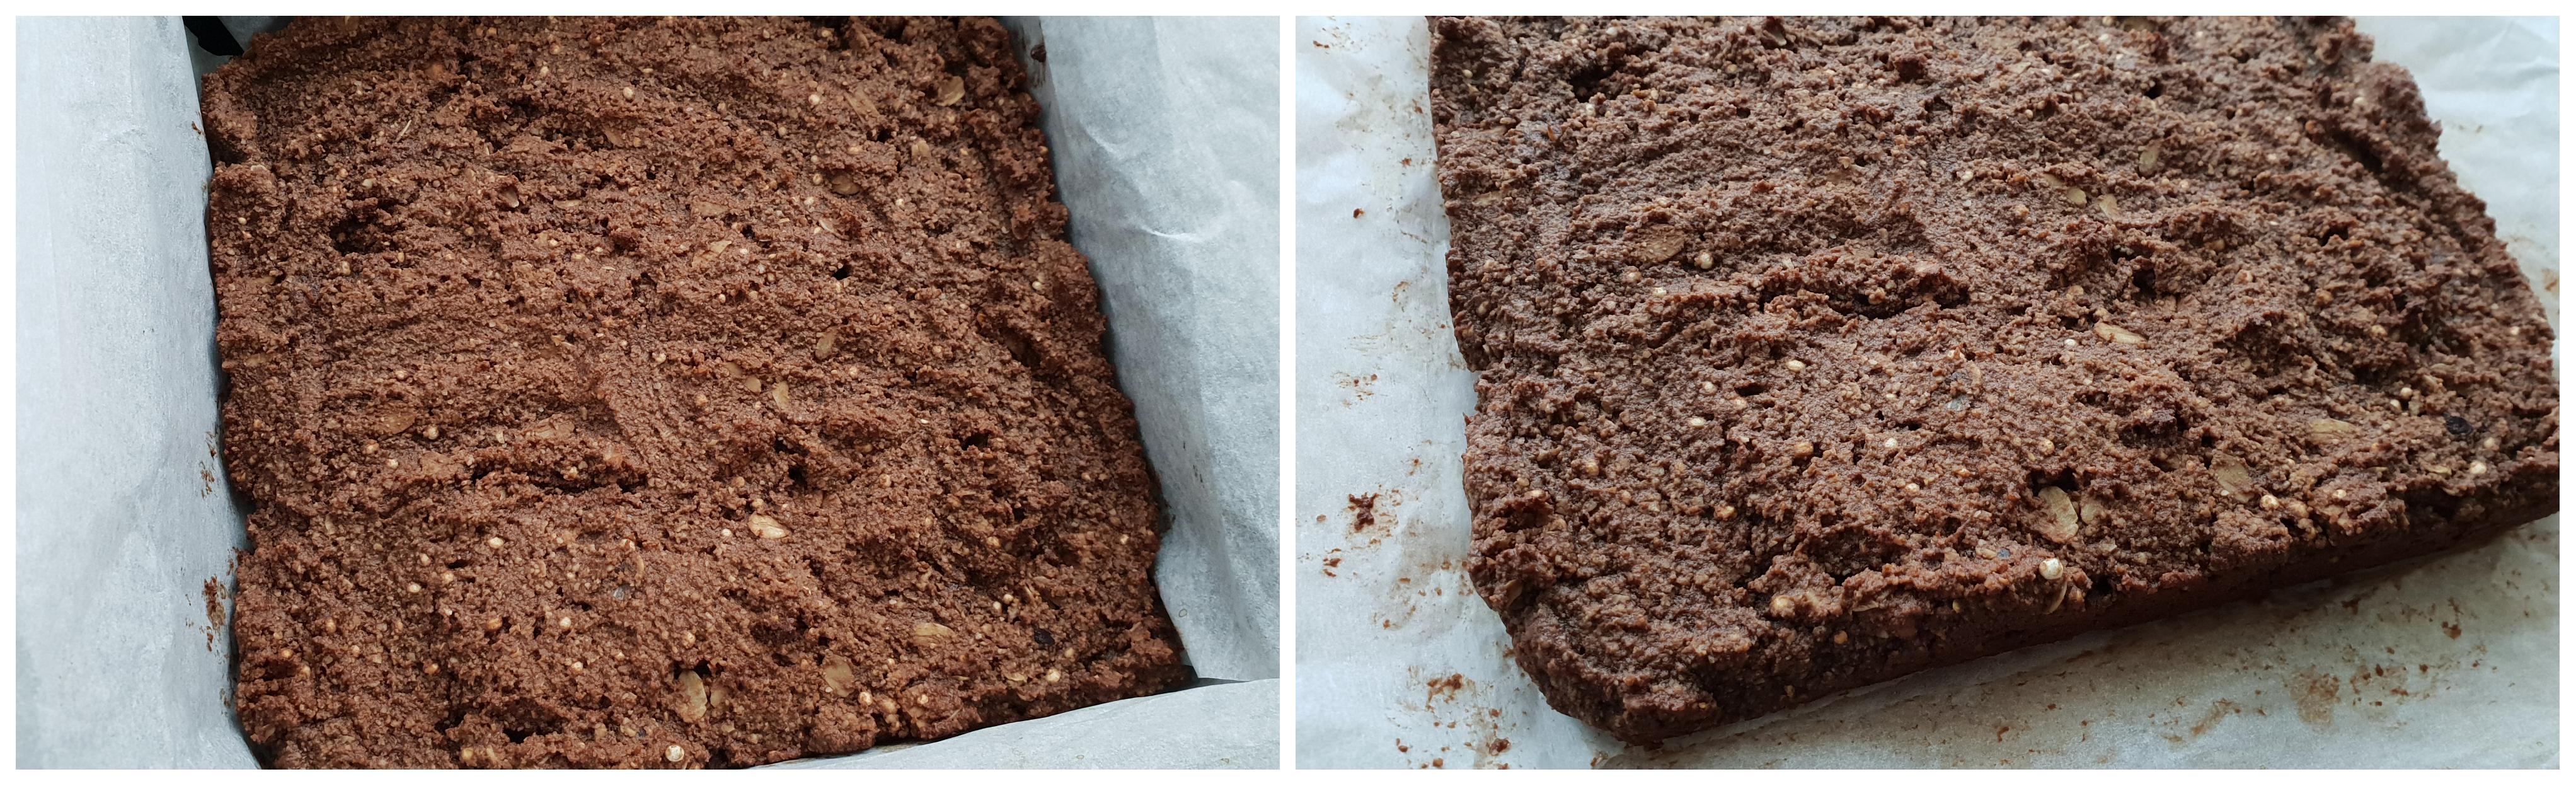 Bakken van de brownies